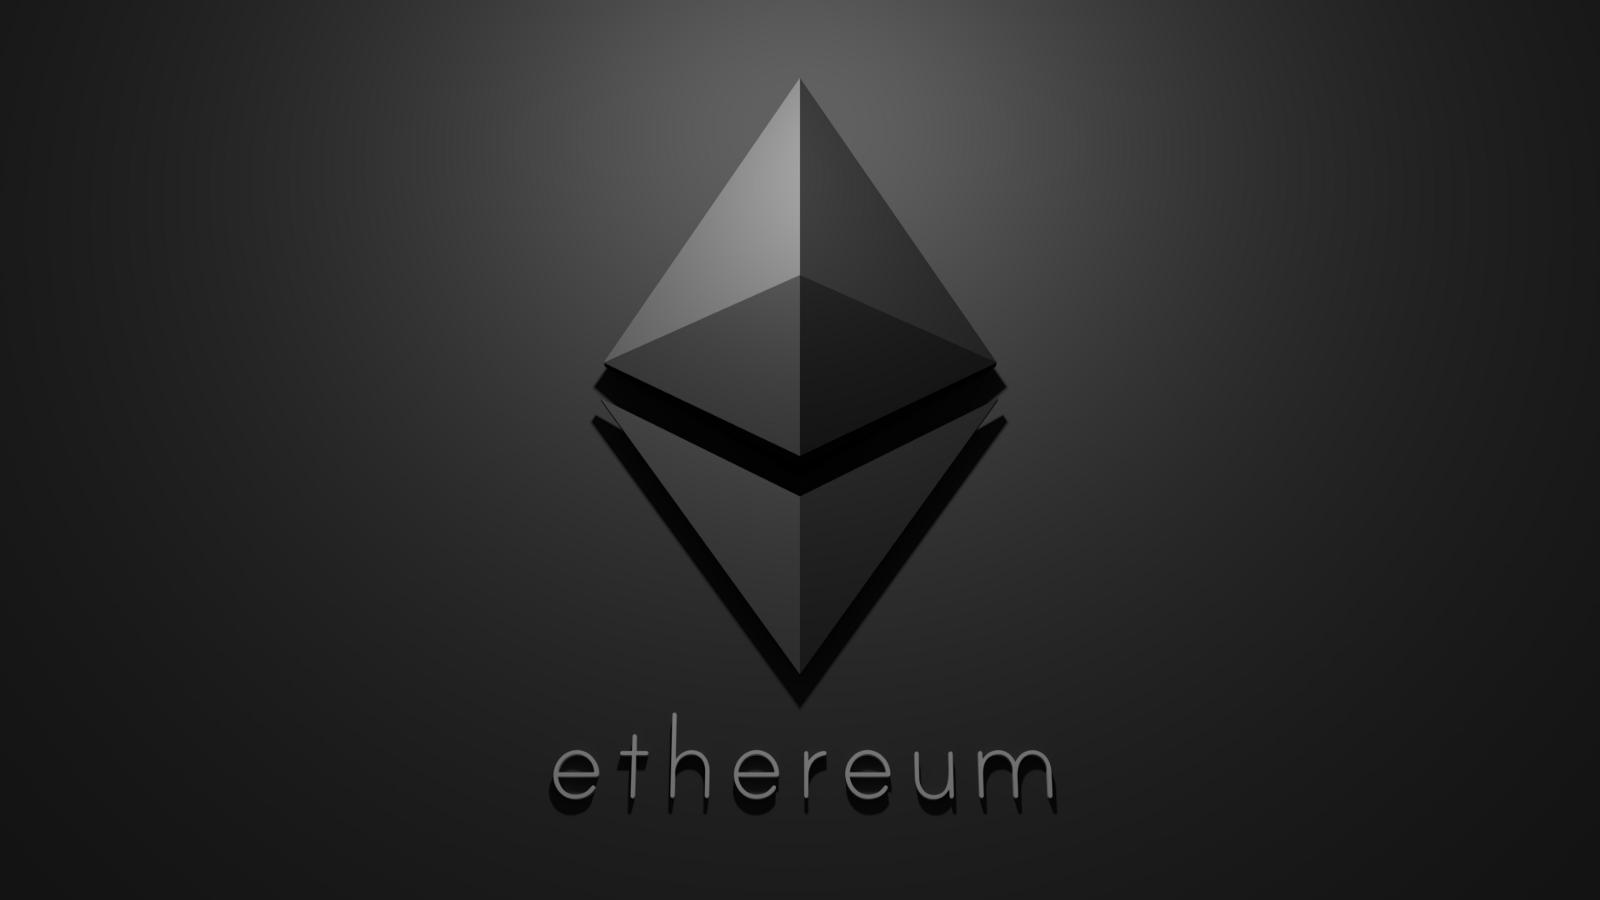 tiendientu.org-ethereum-la-gi-1